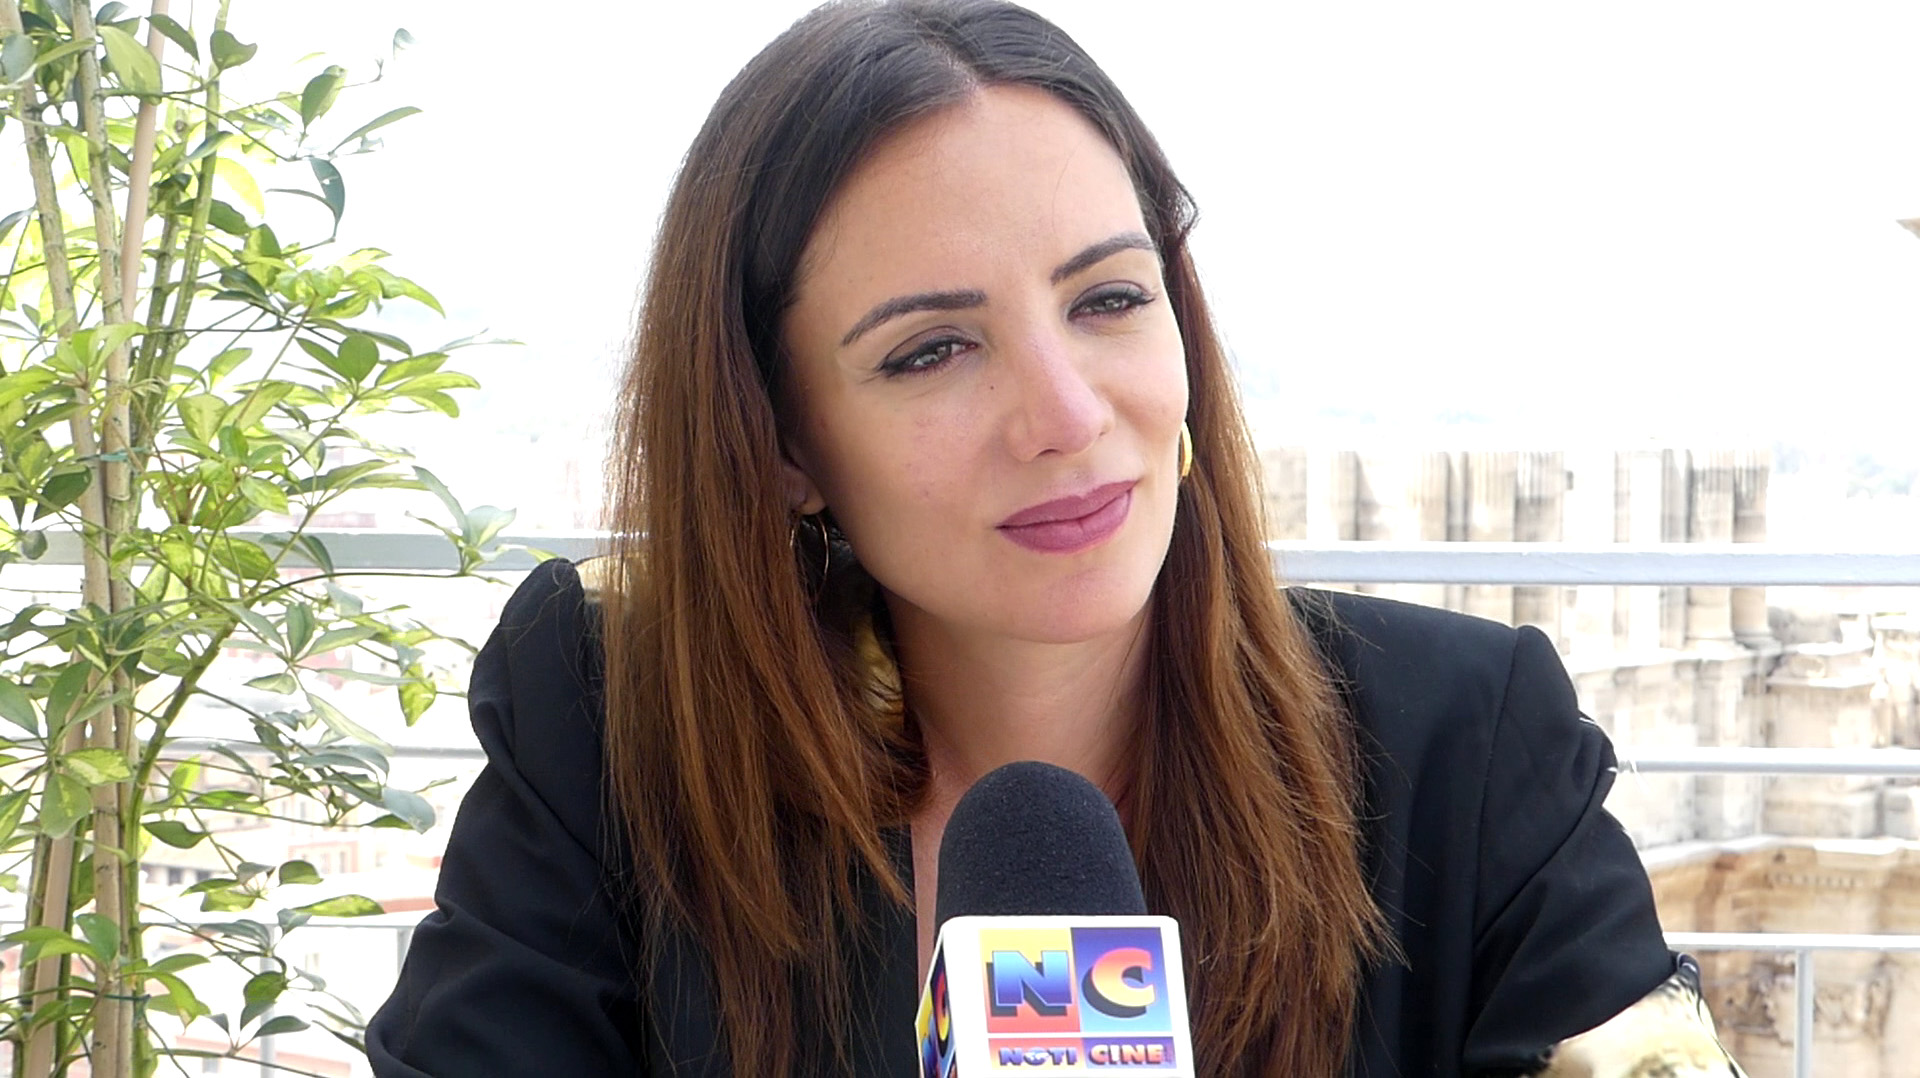 María Hervás (T. Ayerdi)